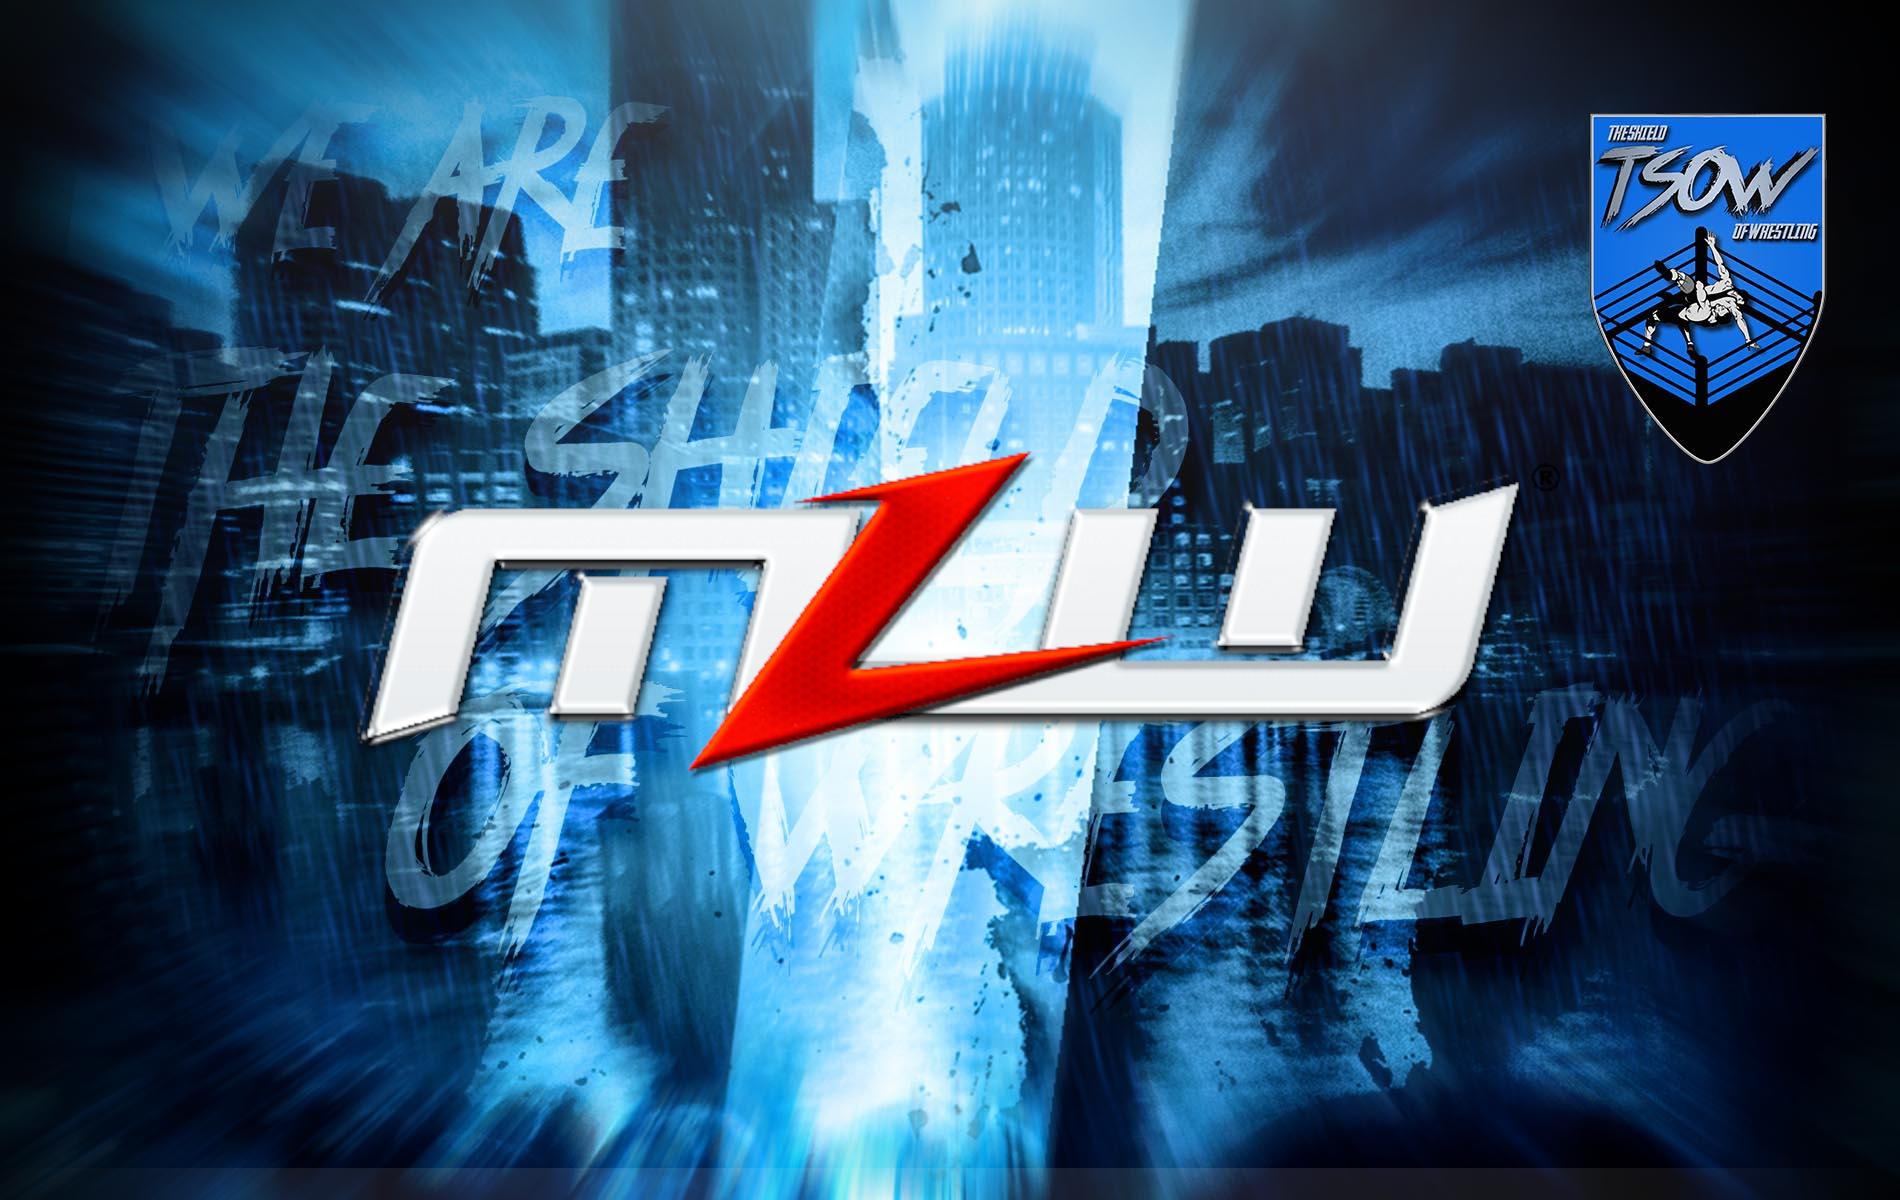 MLW annuncia il ritorno del pubblico negli show da luglio